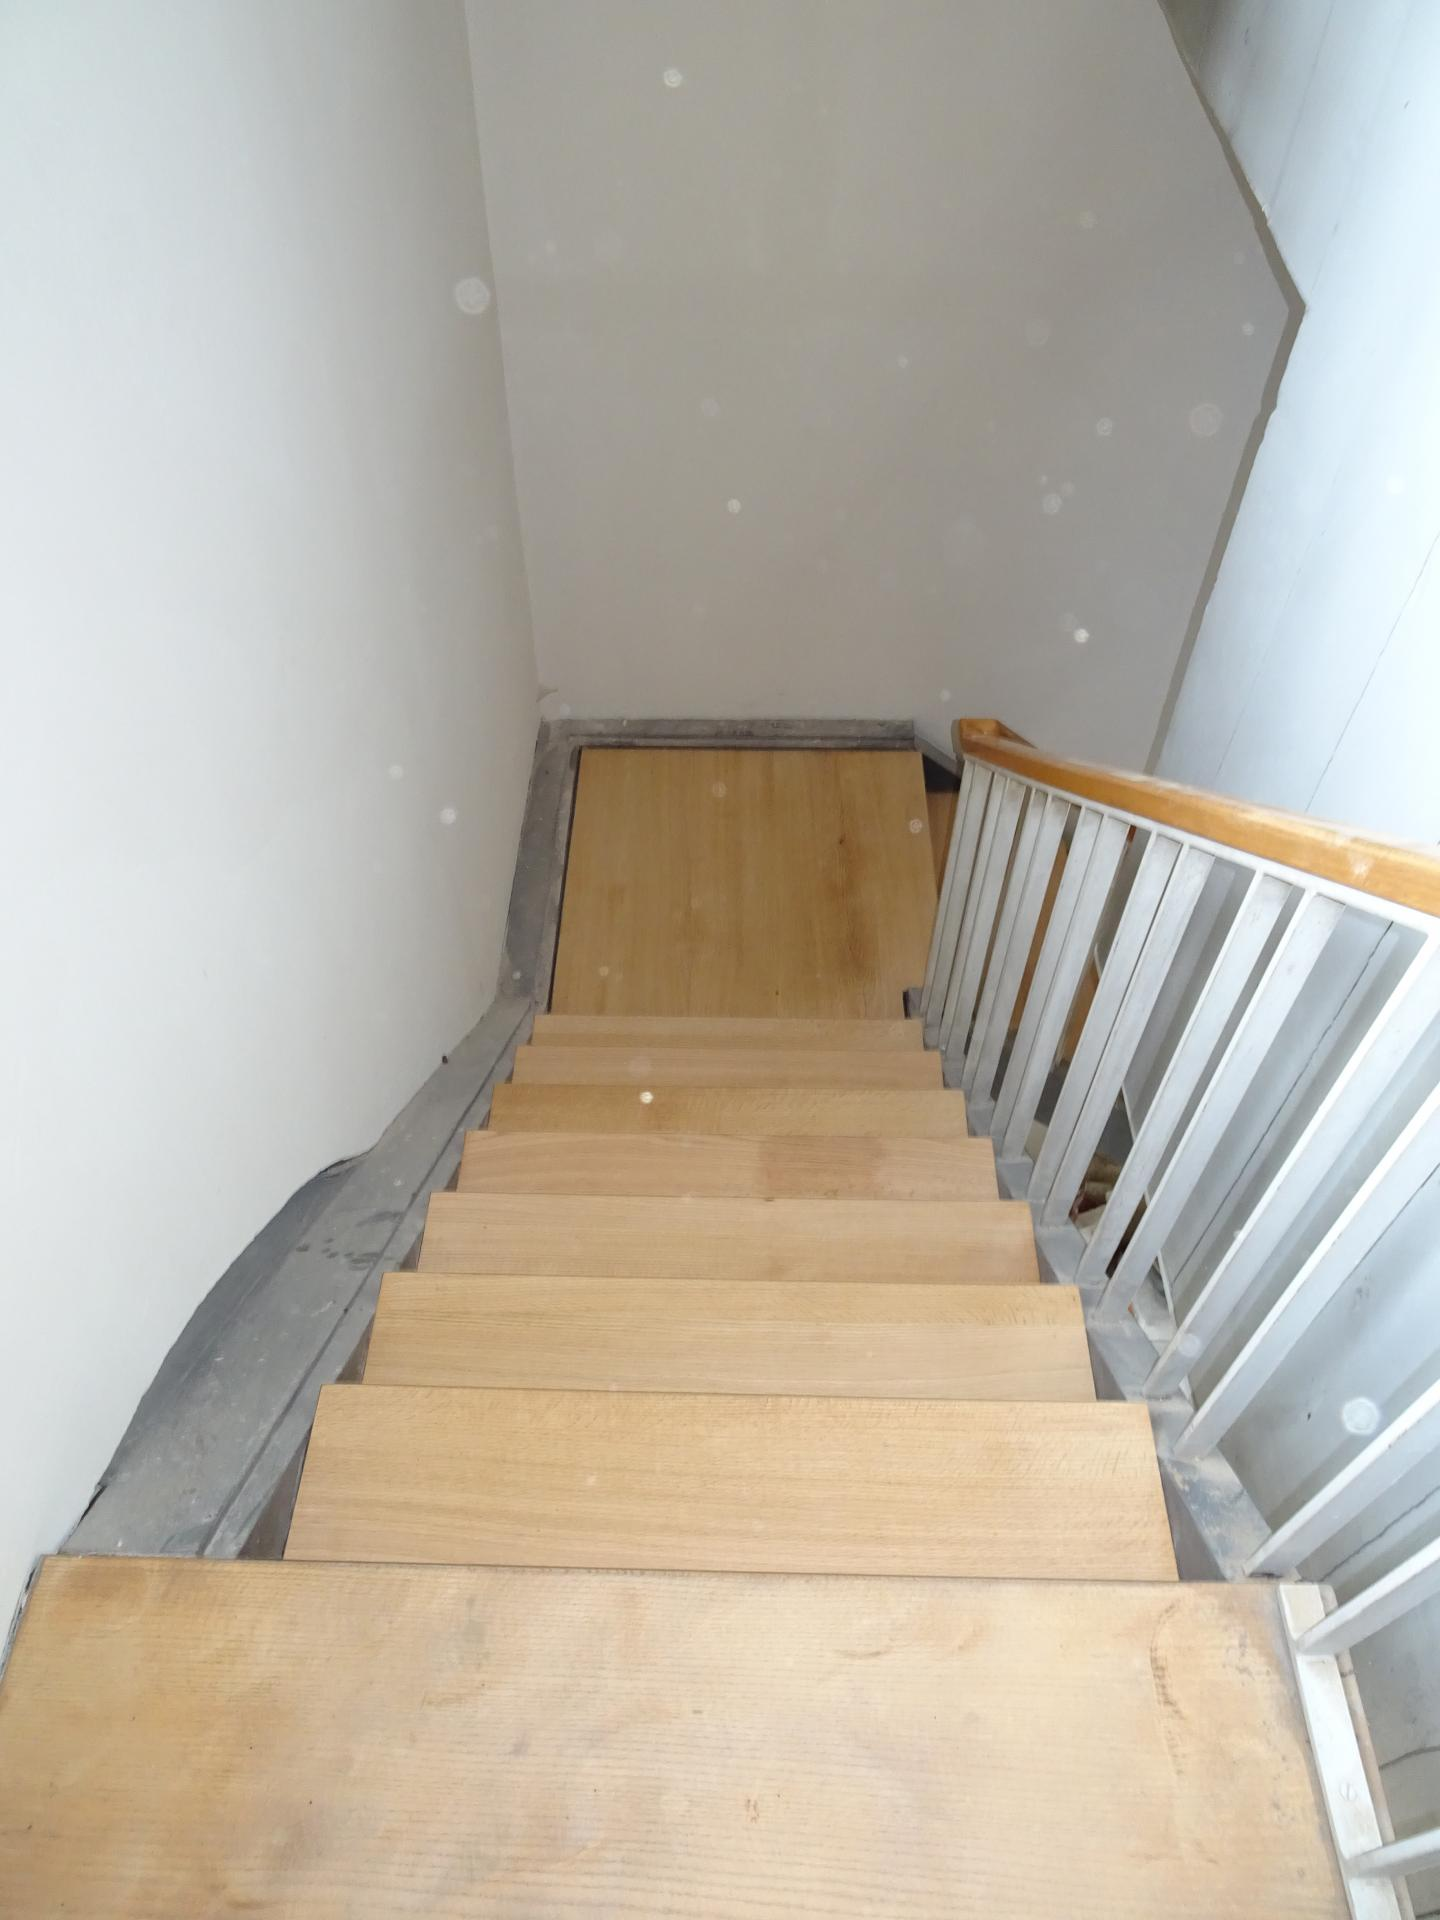 Die aufsteigenden Treppenstufen sind die alten, auch wenn sie abgeschliffen wie neu aussehen.